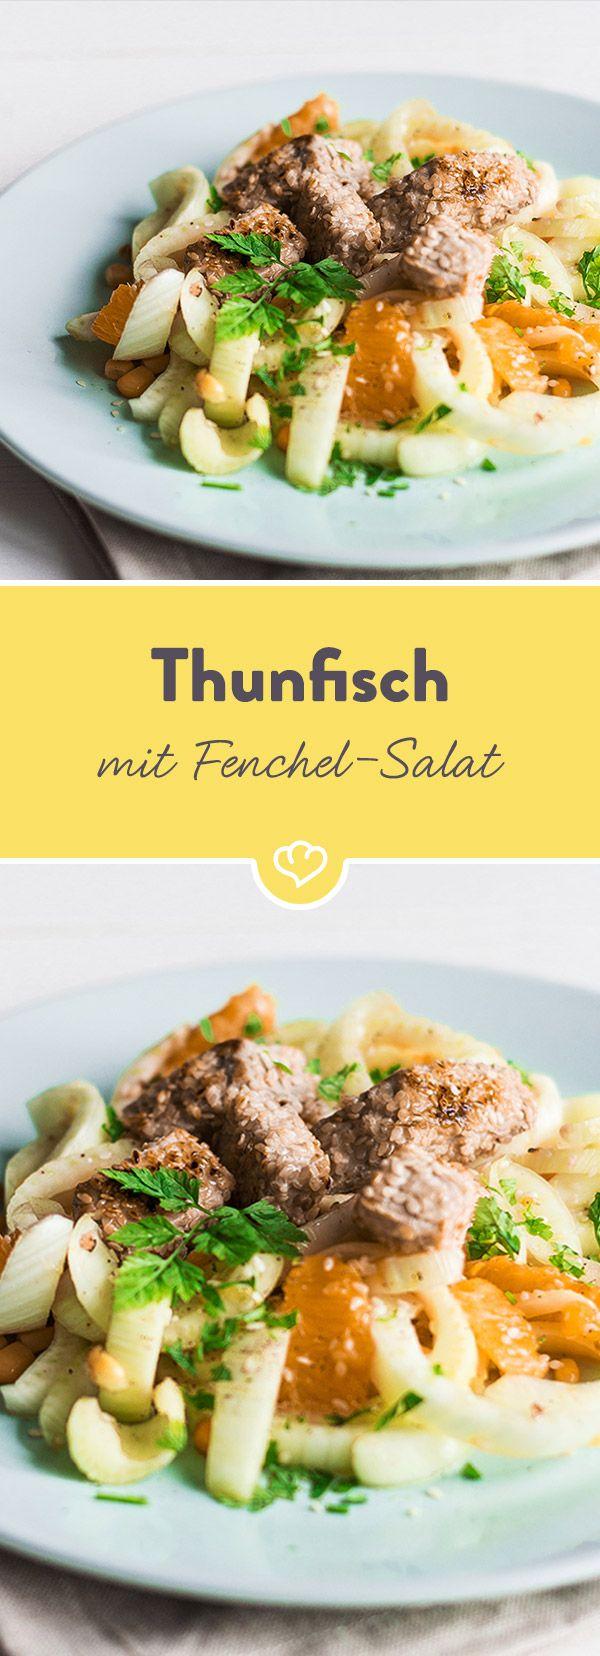 Thunfisch auf OrangenFenchelSalat  Rezept  Orange is